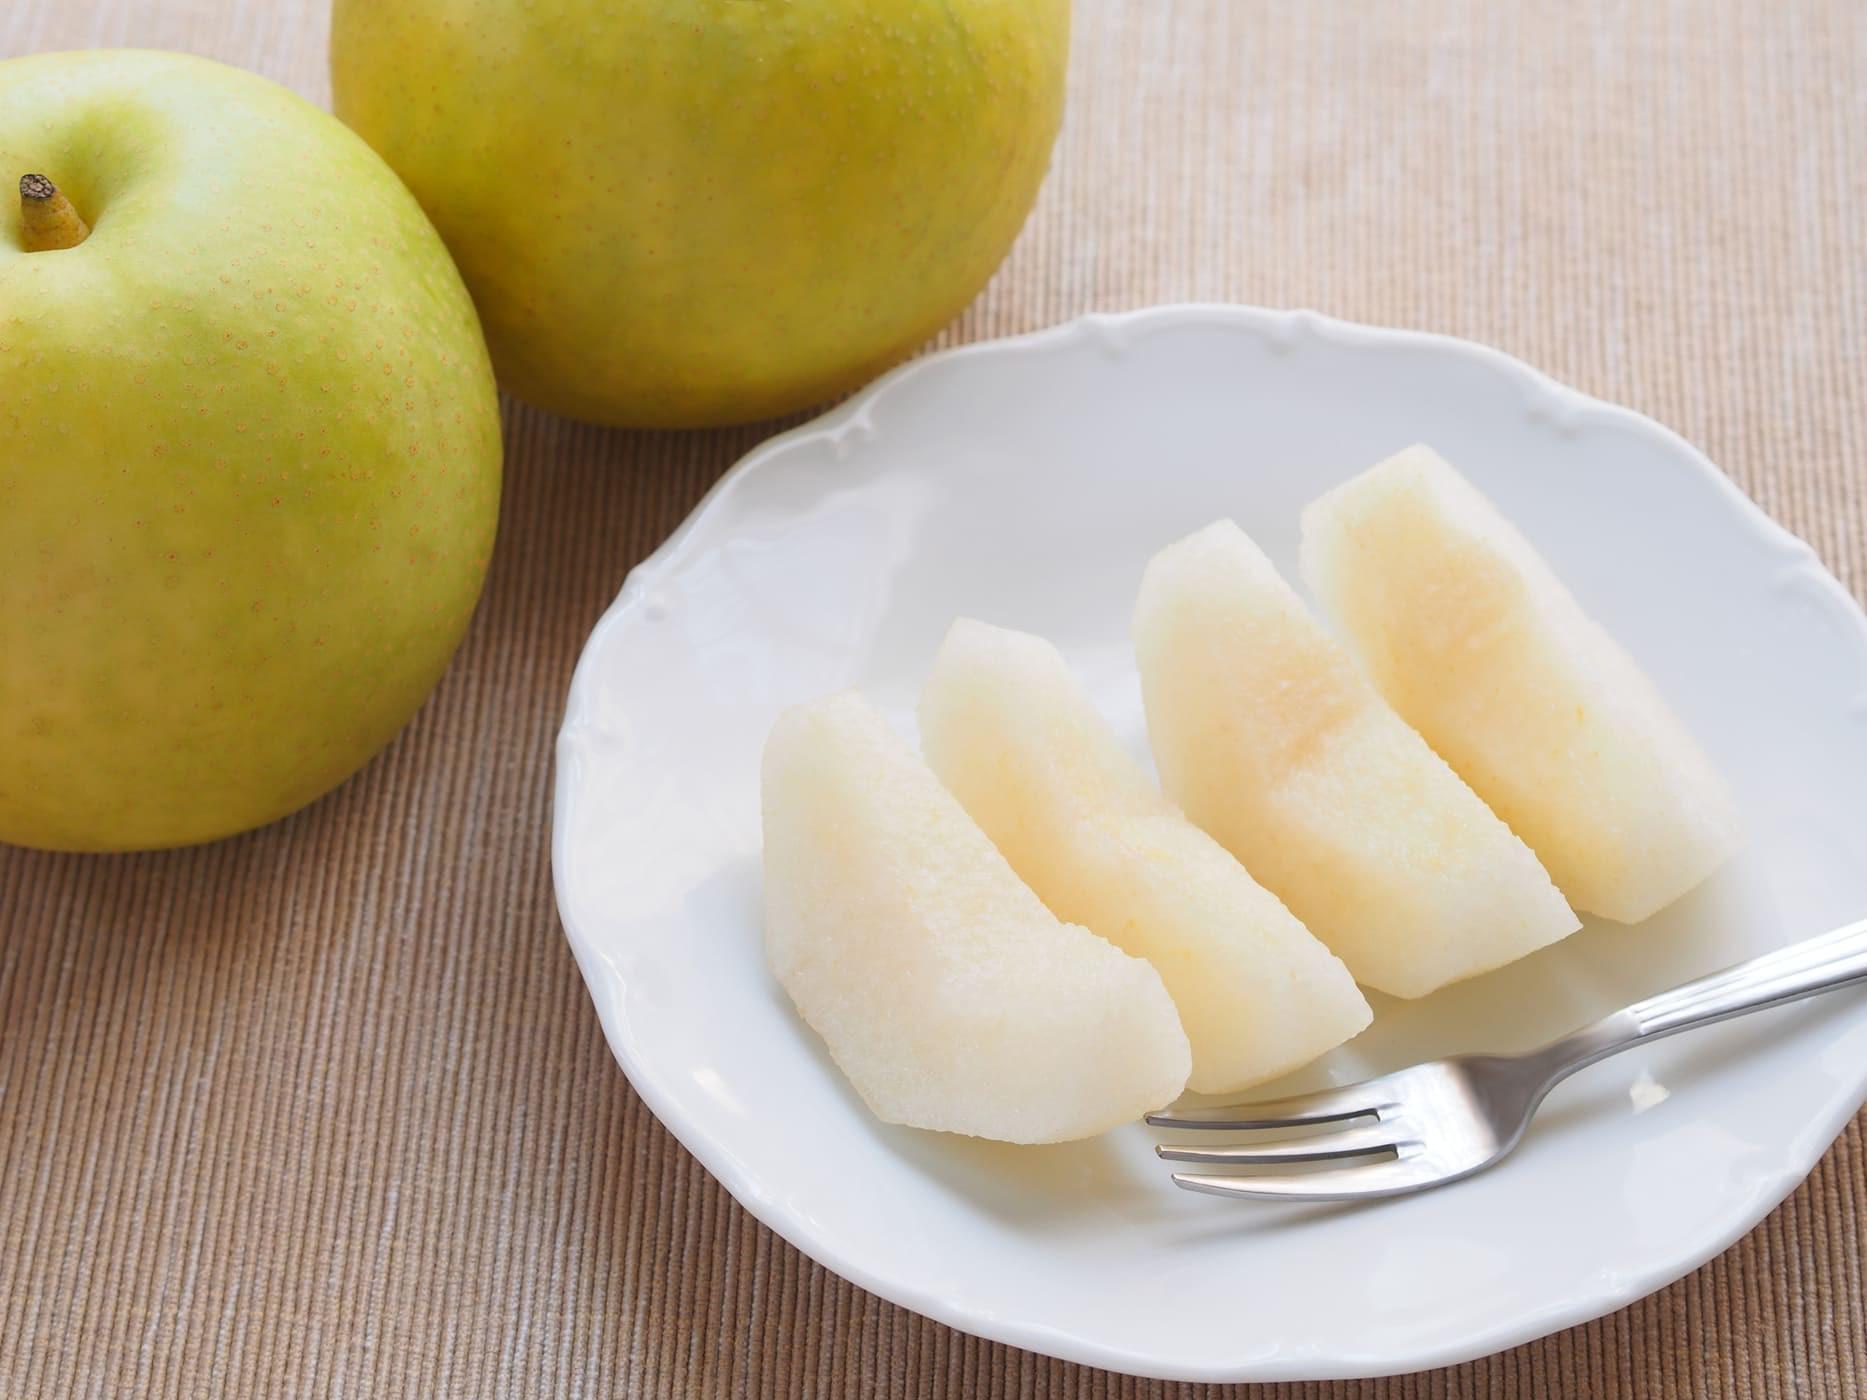 Đang bị táo bón thì hãy ăn ngay những loại trái cây này để giúp khắc phục tình trạng bệnh - Ảnh 5